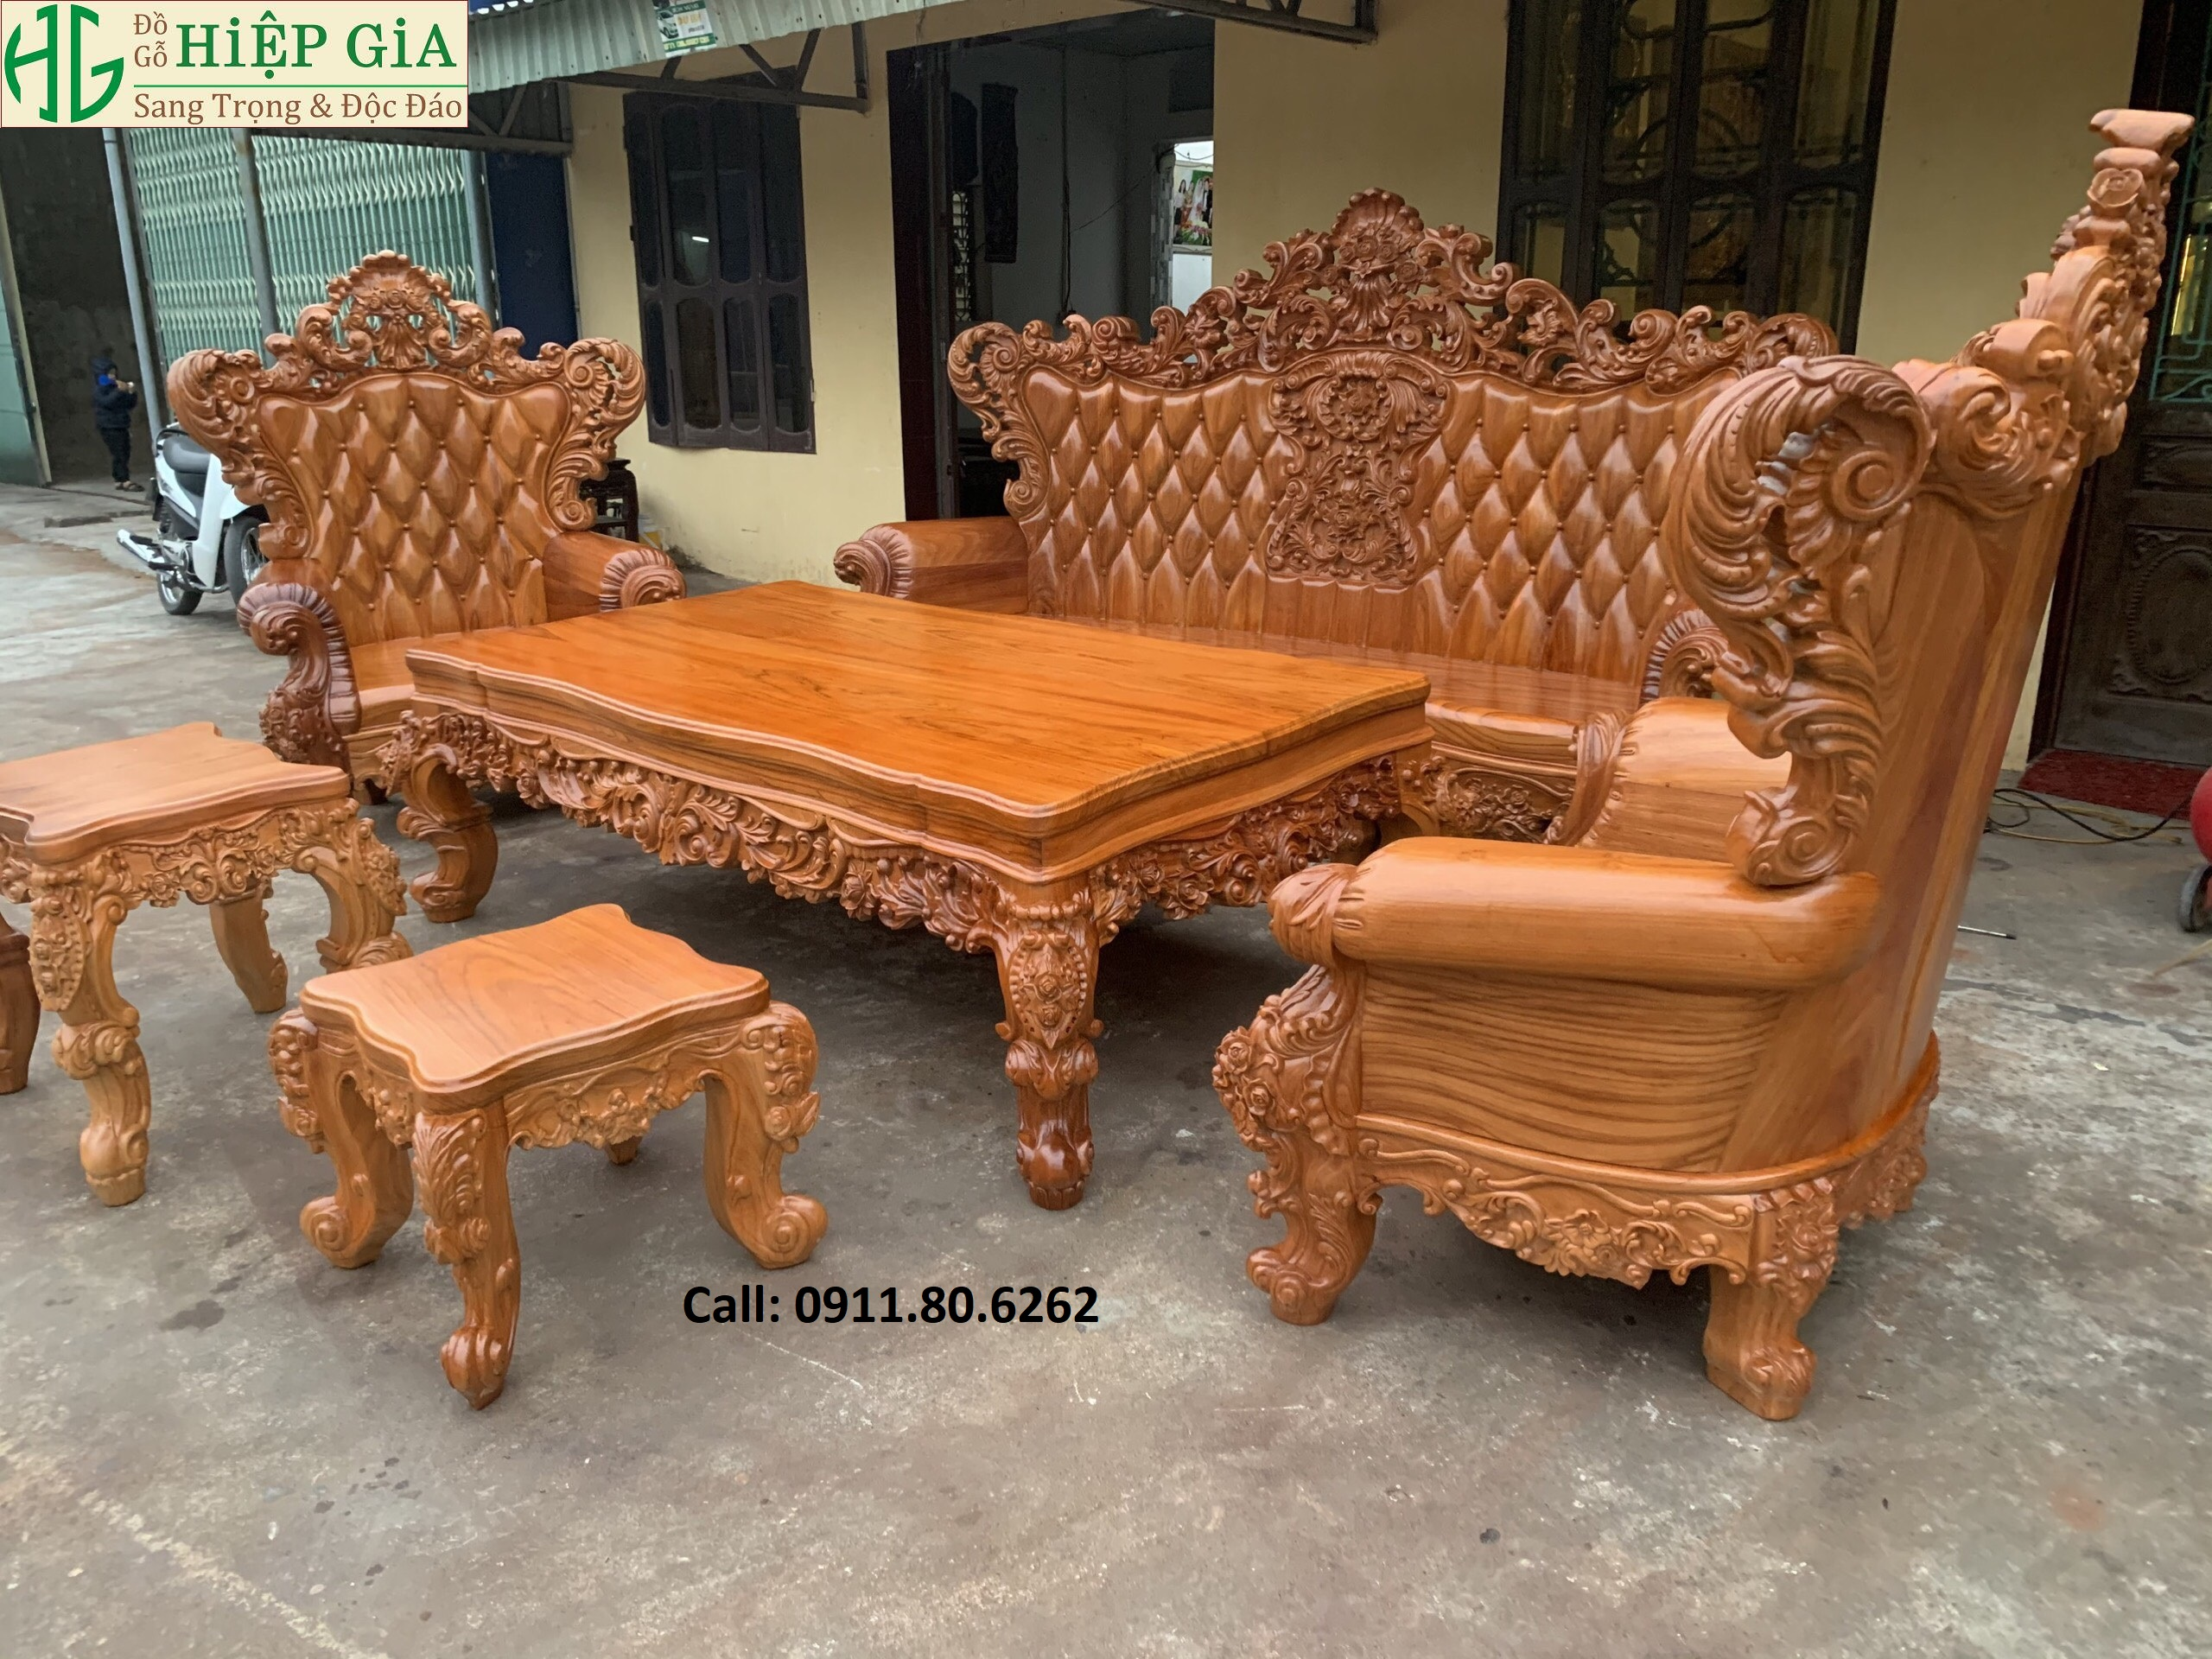 Sofa louis hoang gia 50 - Sofa Louis Hoàng Gia MS: 64